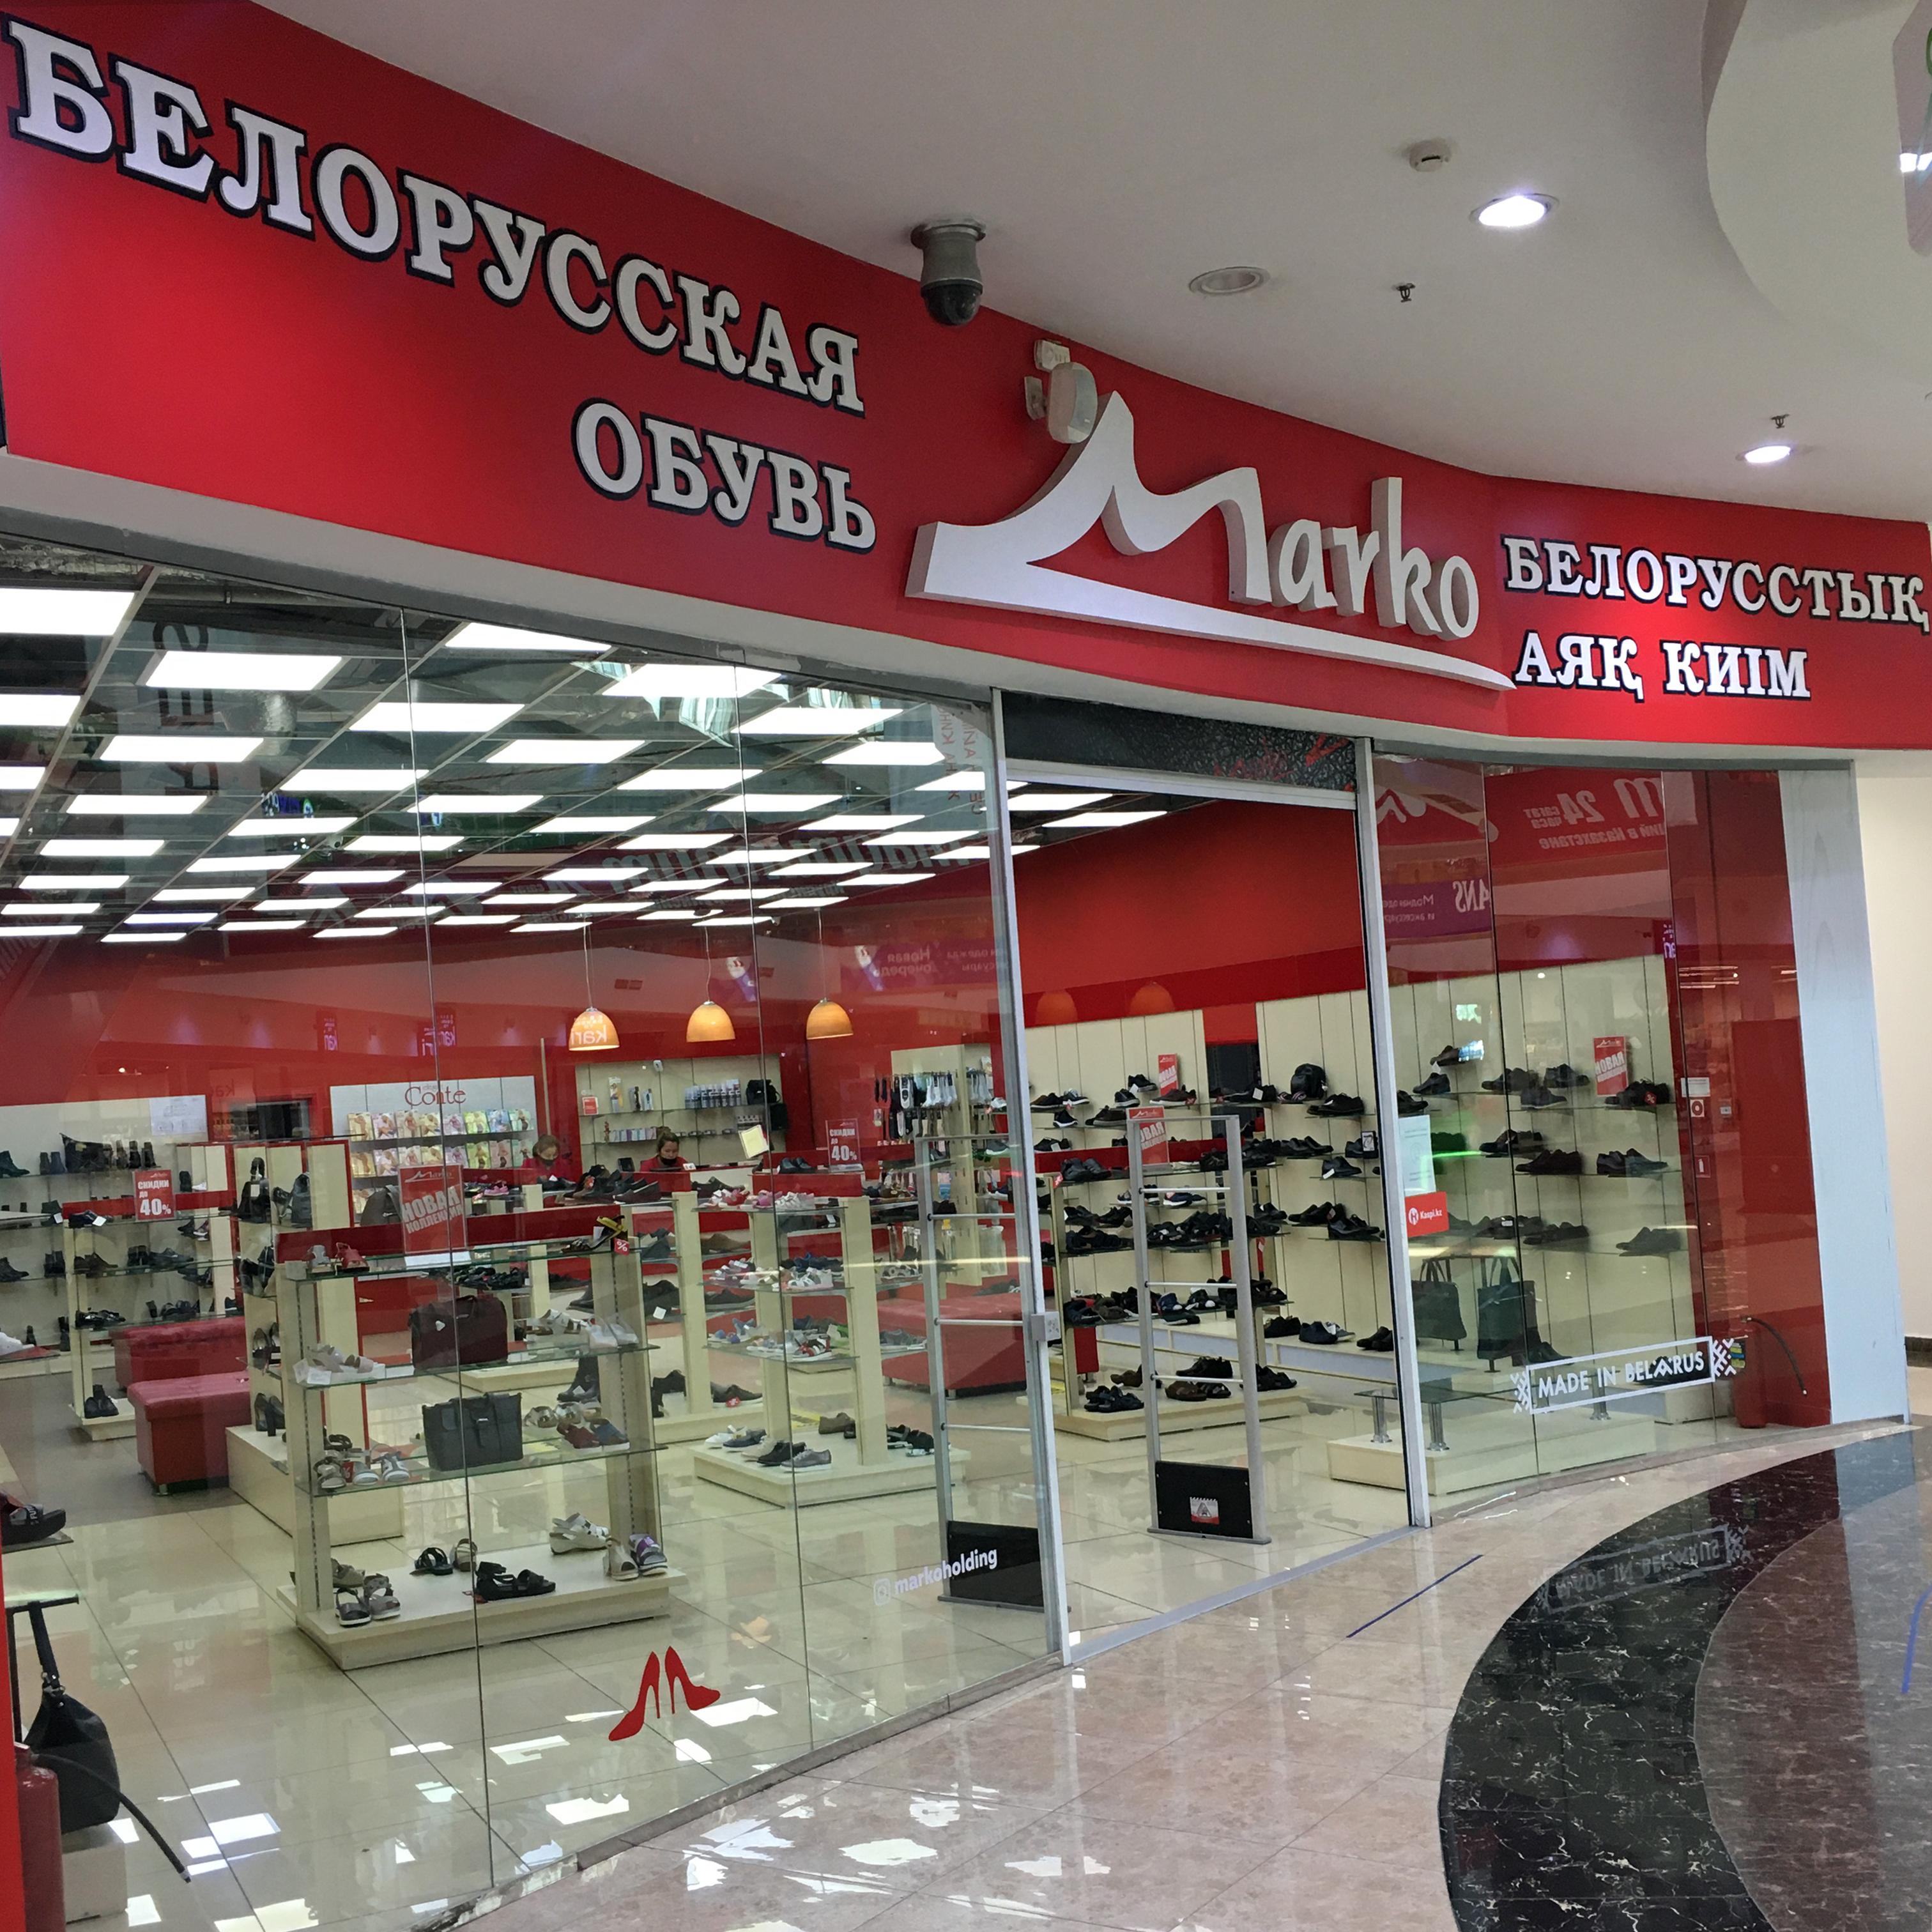 Марко - белорусский бренд, один из самых крупных производителей обуви